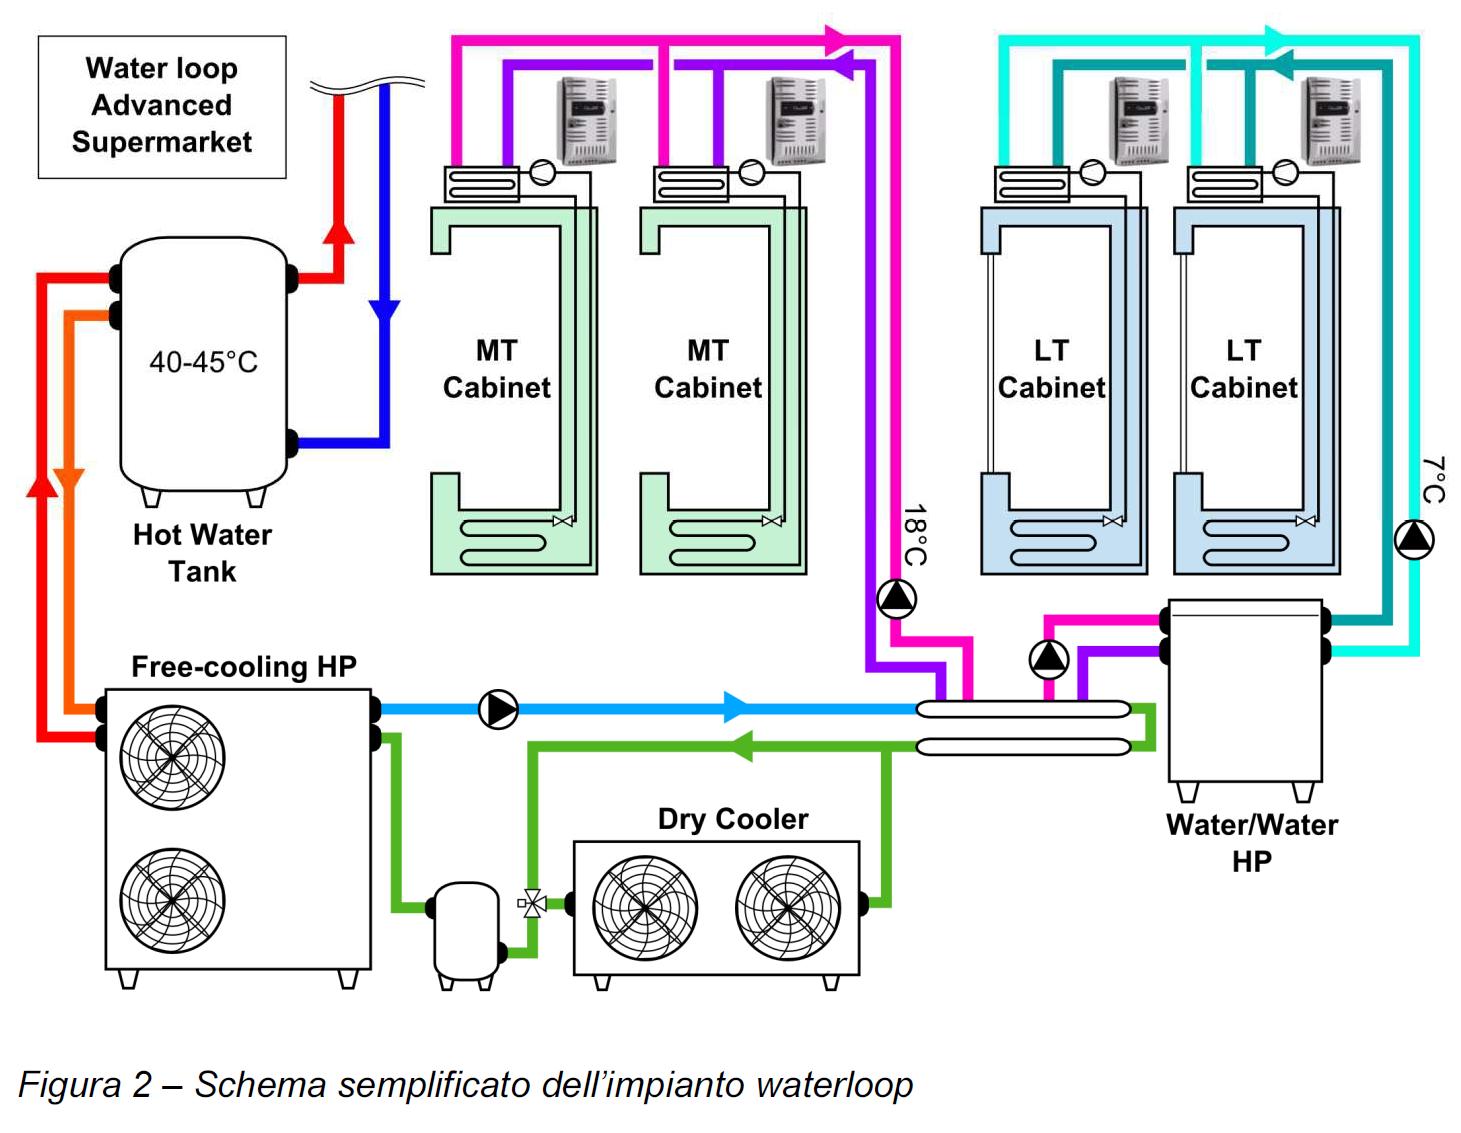 Schema Elettrico Per Water : Supermercati ad alta efficienza compressori bldc e